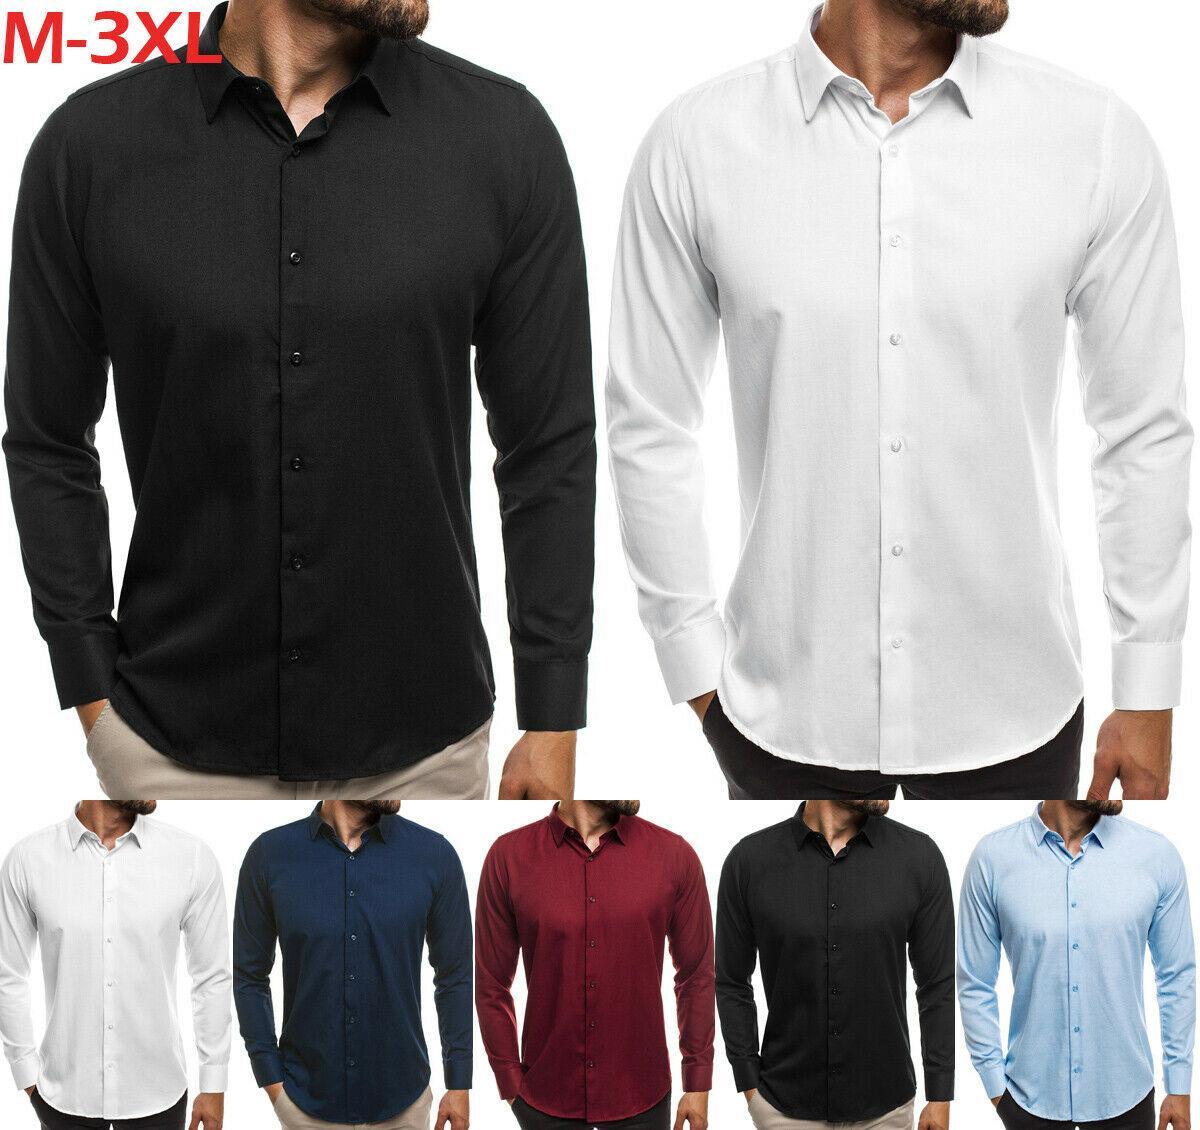 Chegada Nova Mens Slim Fit Negócios camisa de manga longa Fashion Dress camisas casuais masculinos cor sólida Camisas Tops Roupa